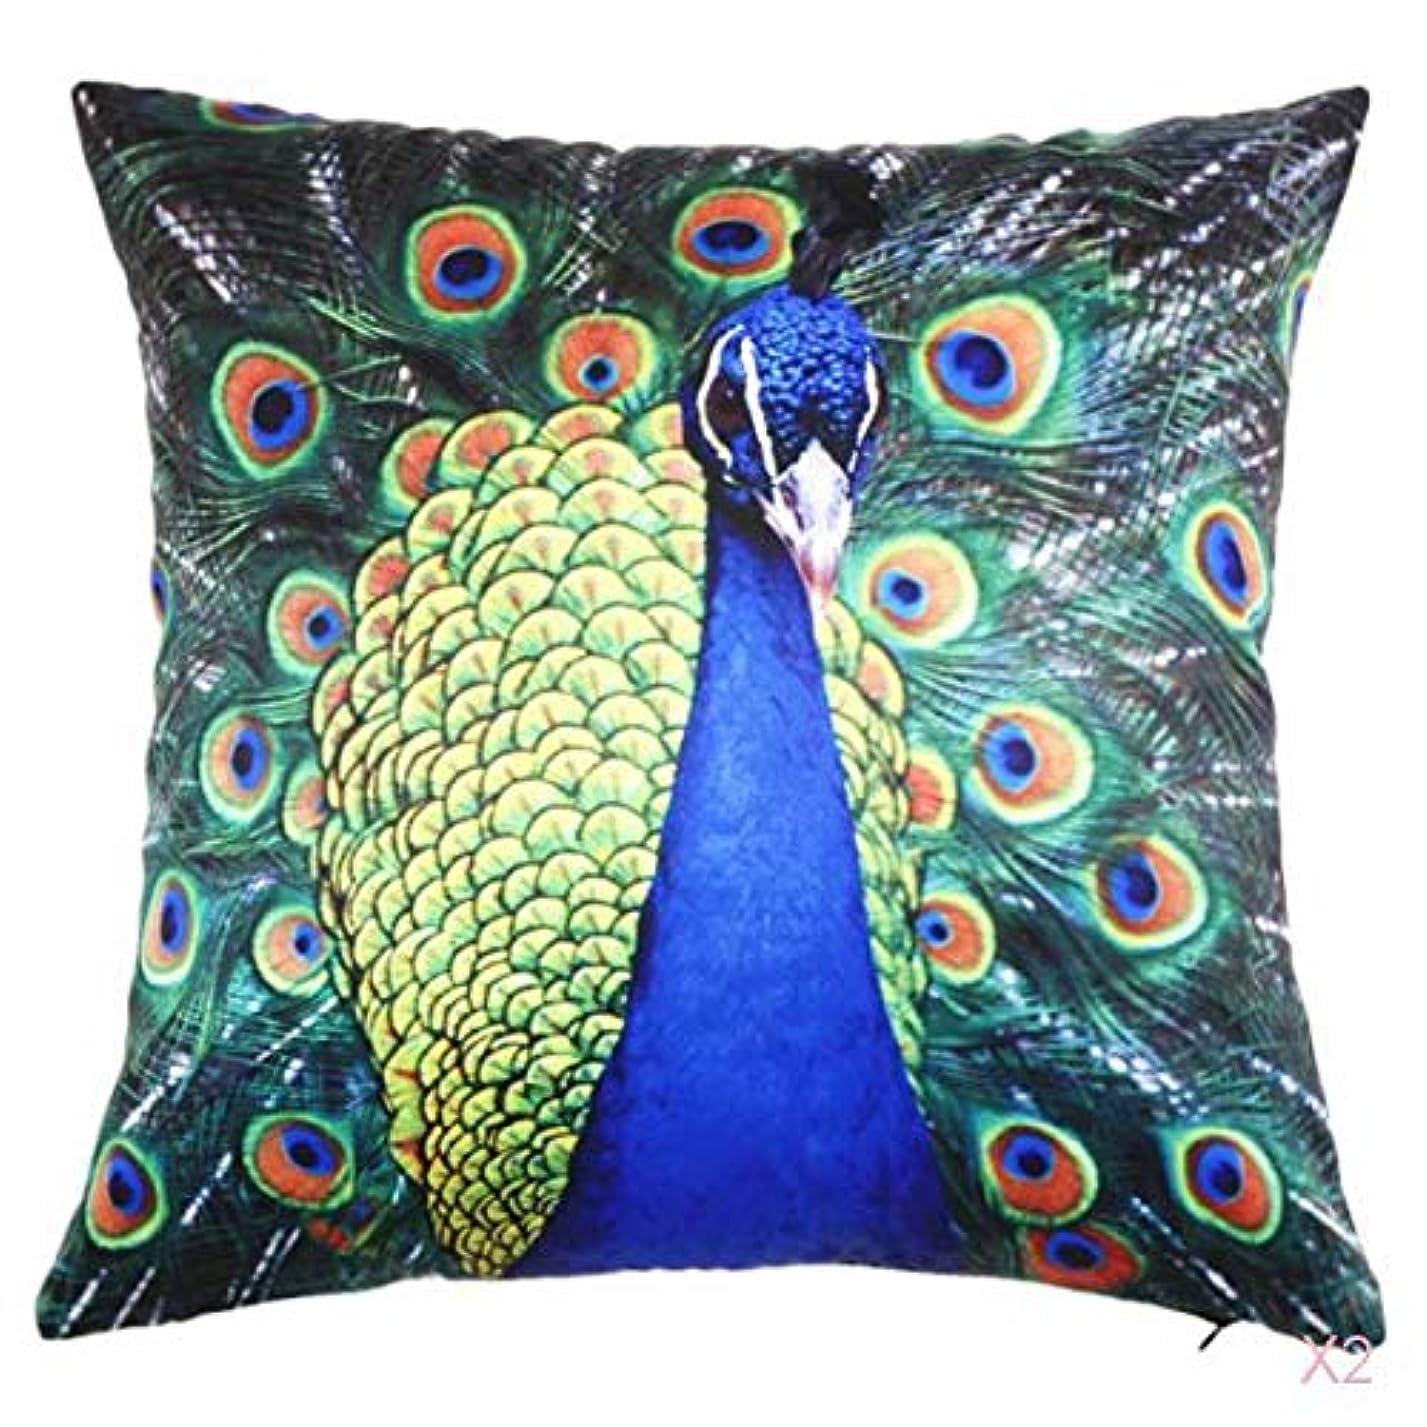 怖がらせるアンビエント使い込む45センチメートル家の装飾スロー枕カバークッションカバーヴィンテージ孔雀のパターン03